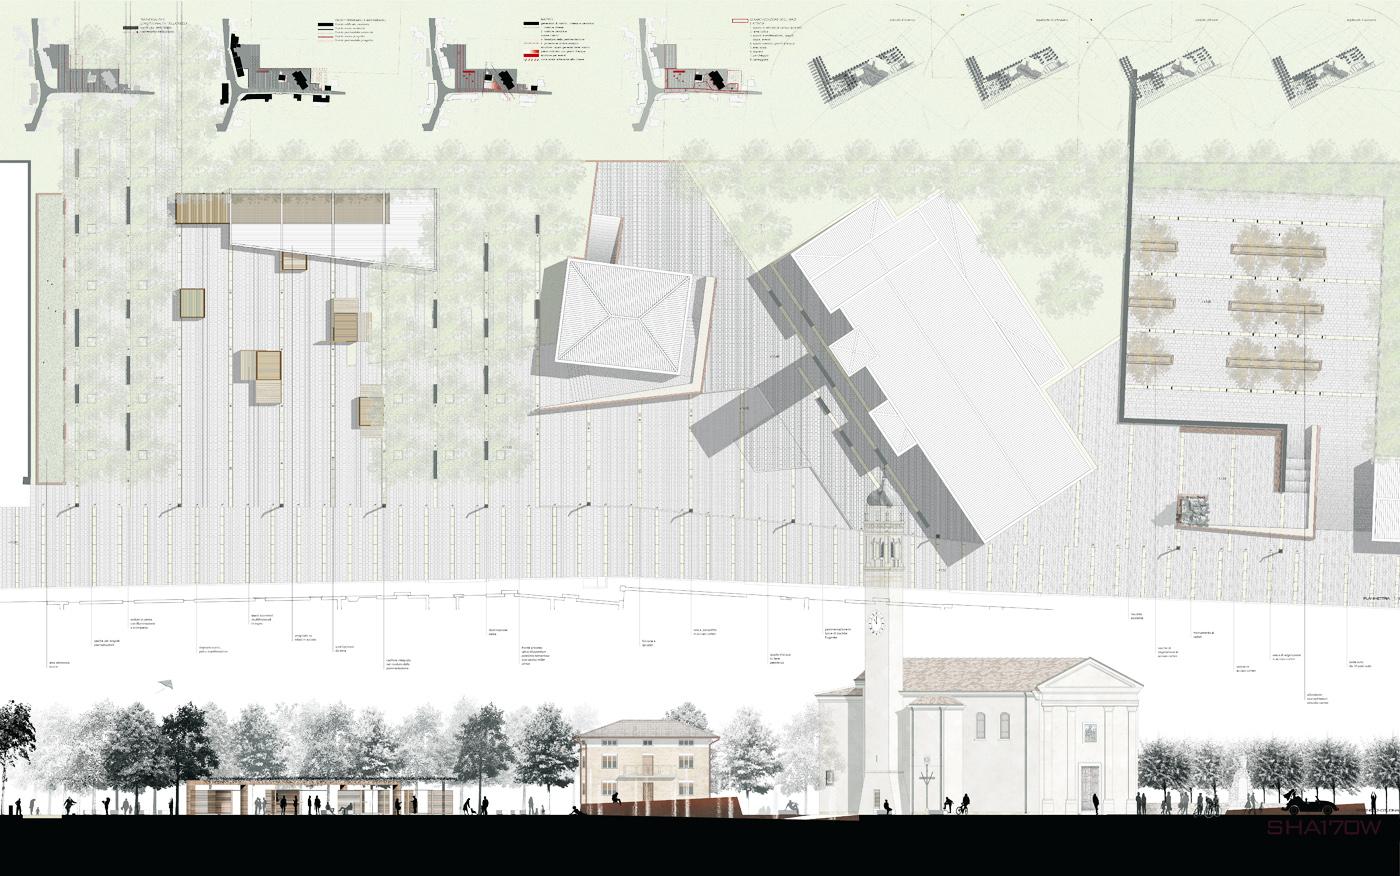 La nuova piazza di Asigliano Veneto, uno spazio pubblico tracciato dall'ombra a ricomporre i lembi sfrangiati del tessuto edilizio. Planimetria di progetto | Bottega di Architettura